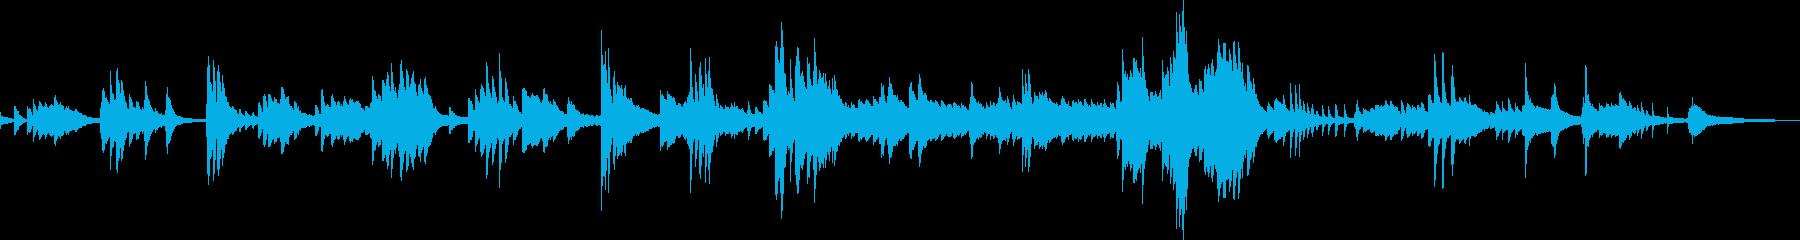 戻ってきた穏やかな日常(ピアノ)の再生済みの波形